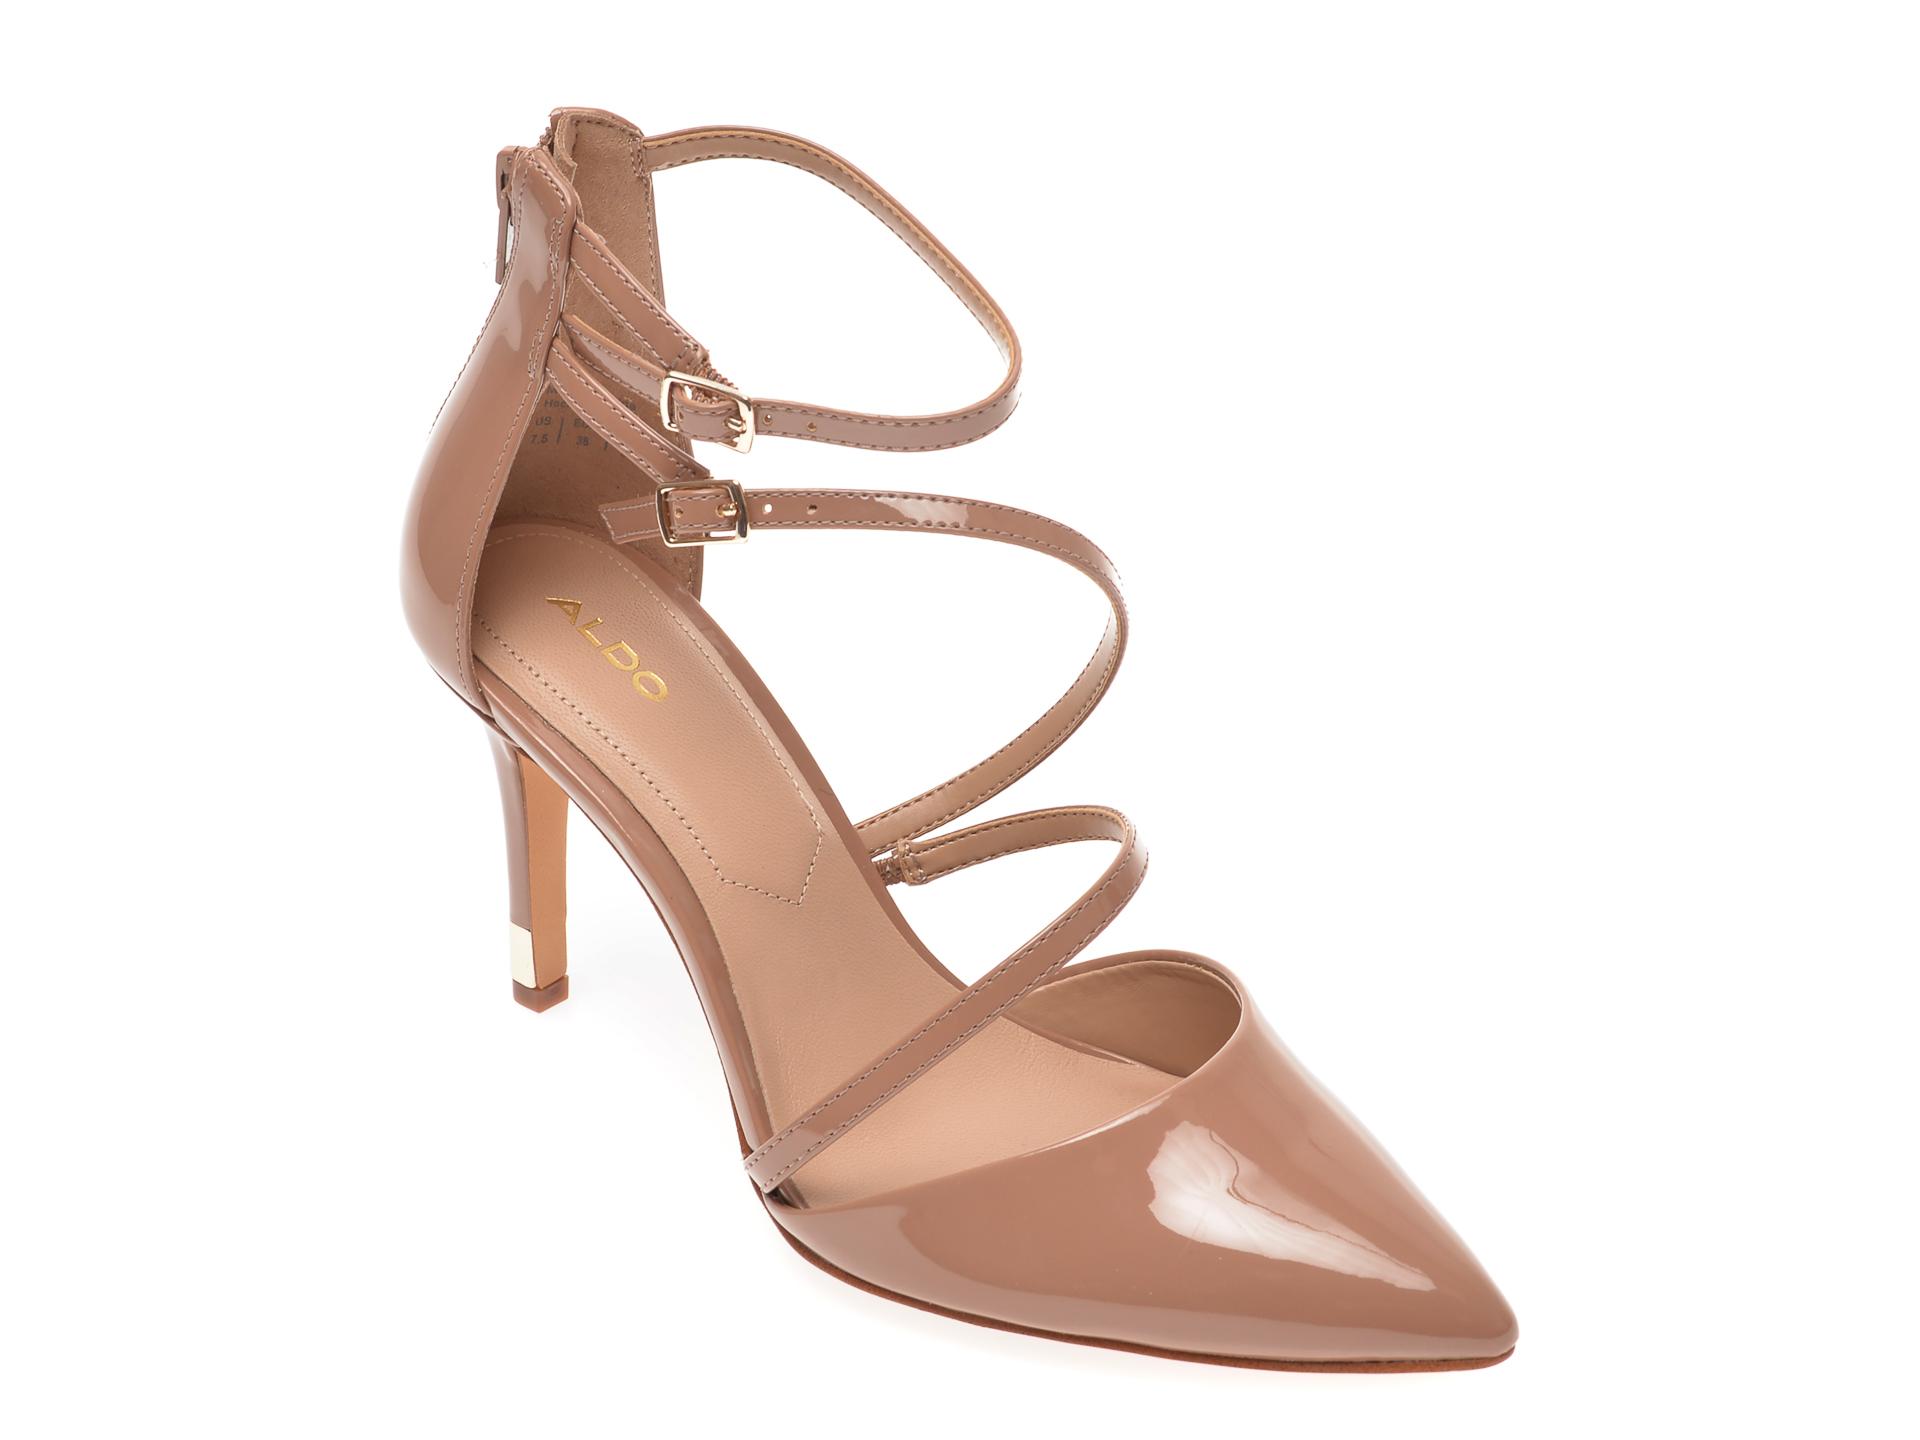 Pantofi ALDO nude, Torga270, din piele ecologica imagine otter.ro